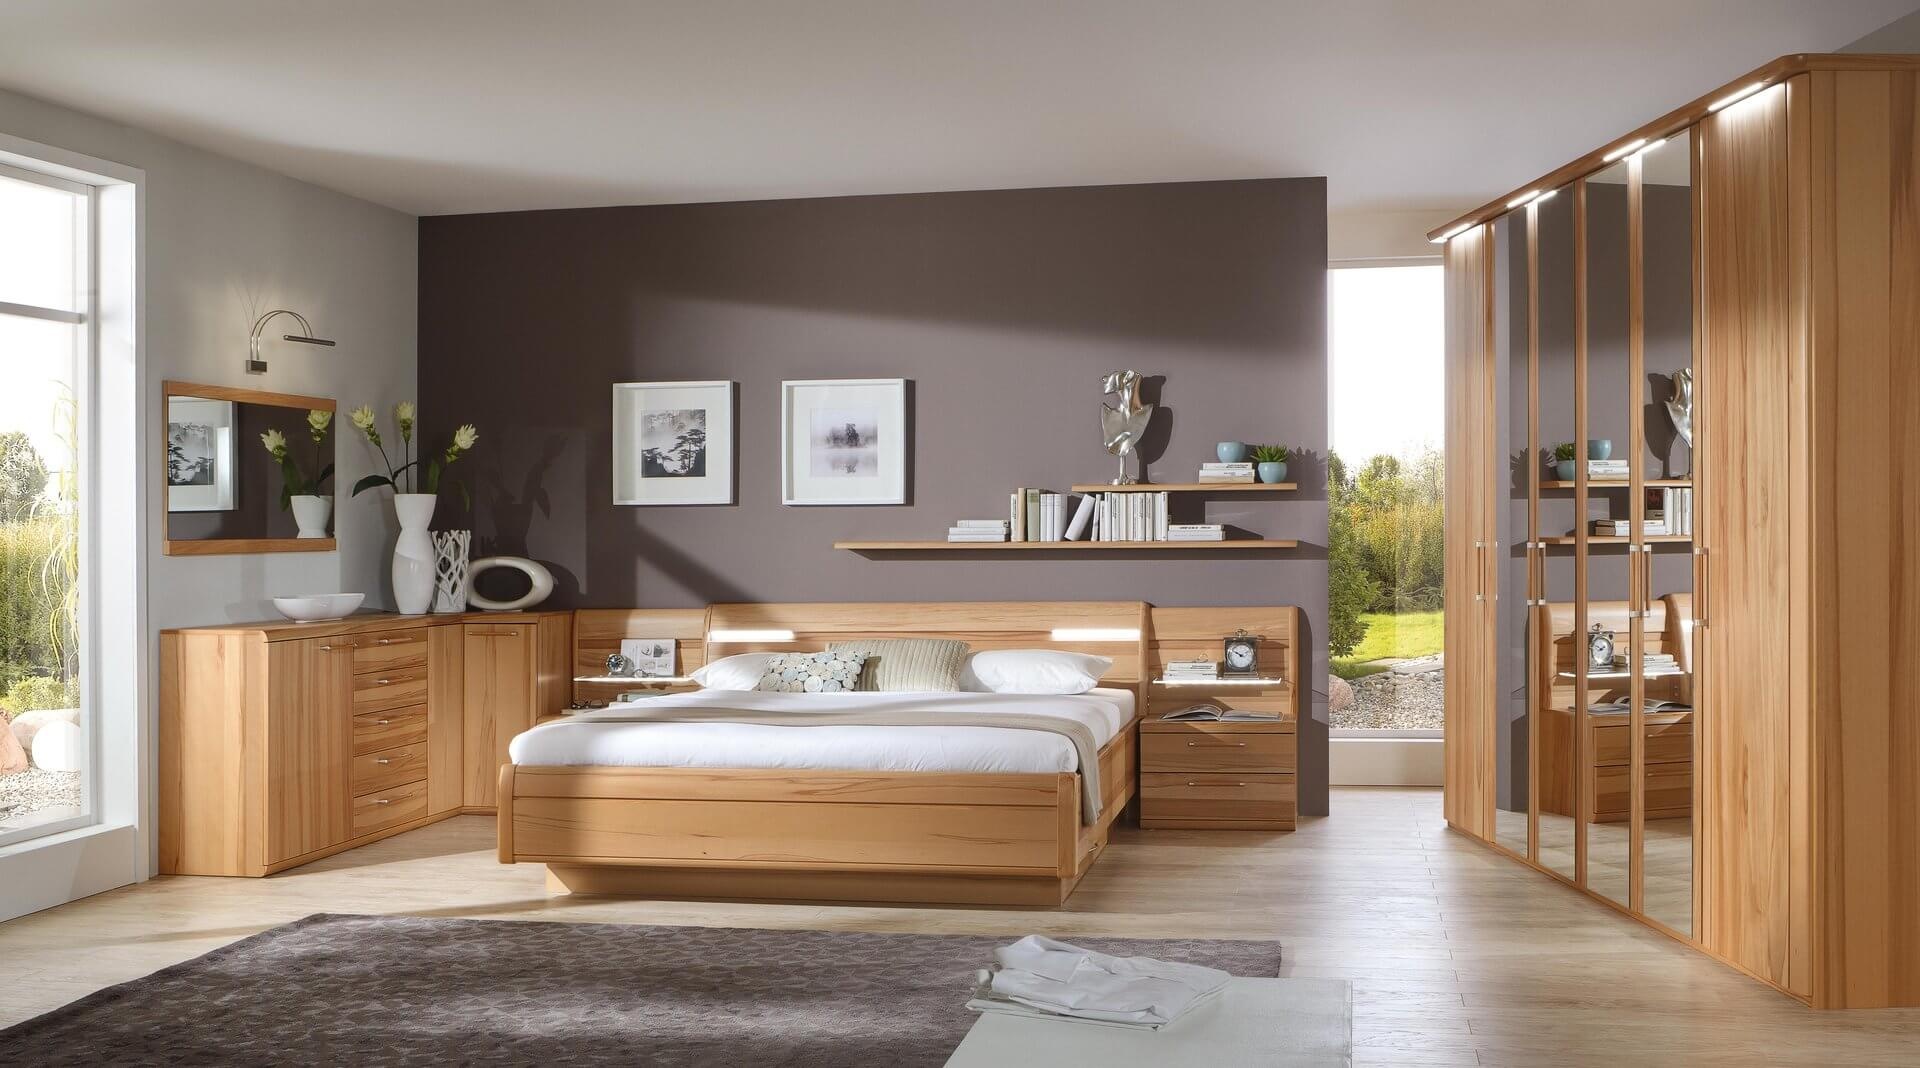 Full Size of Manera Musterring Betten überlänge Hohe Ebay 180x200 Meise Schramm Jugend 140x200 Xxl Runde Massiv Joop Amazon 90x200 Aus Holz Günstige Bett Musterring Betten